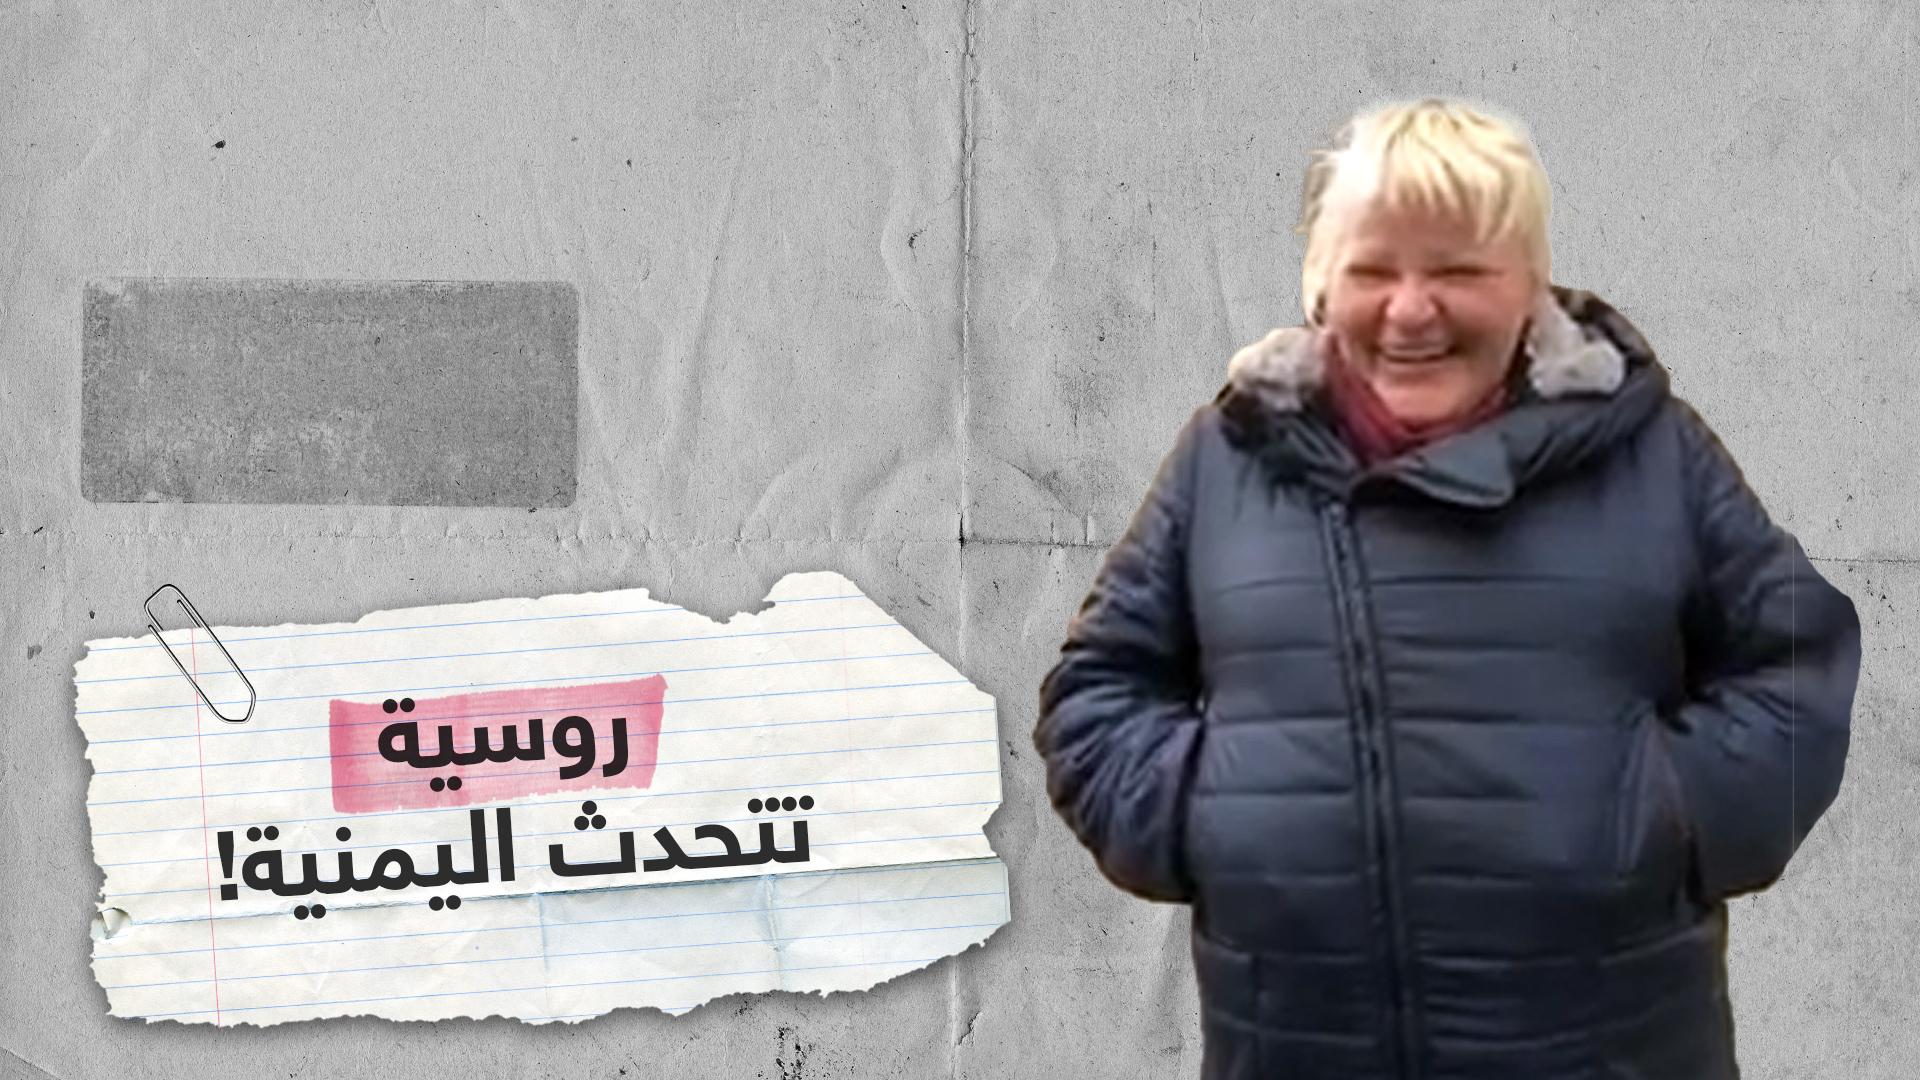 روسية تتحدث اللهجة اليمنية